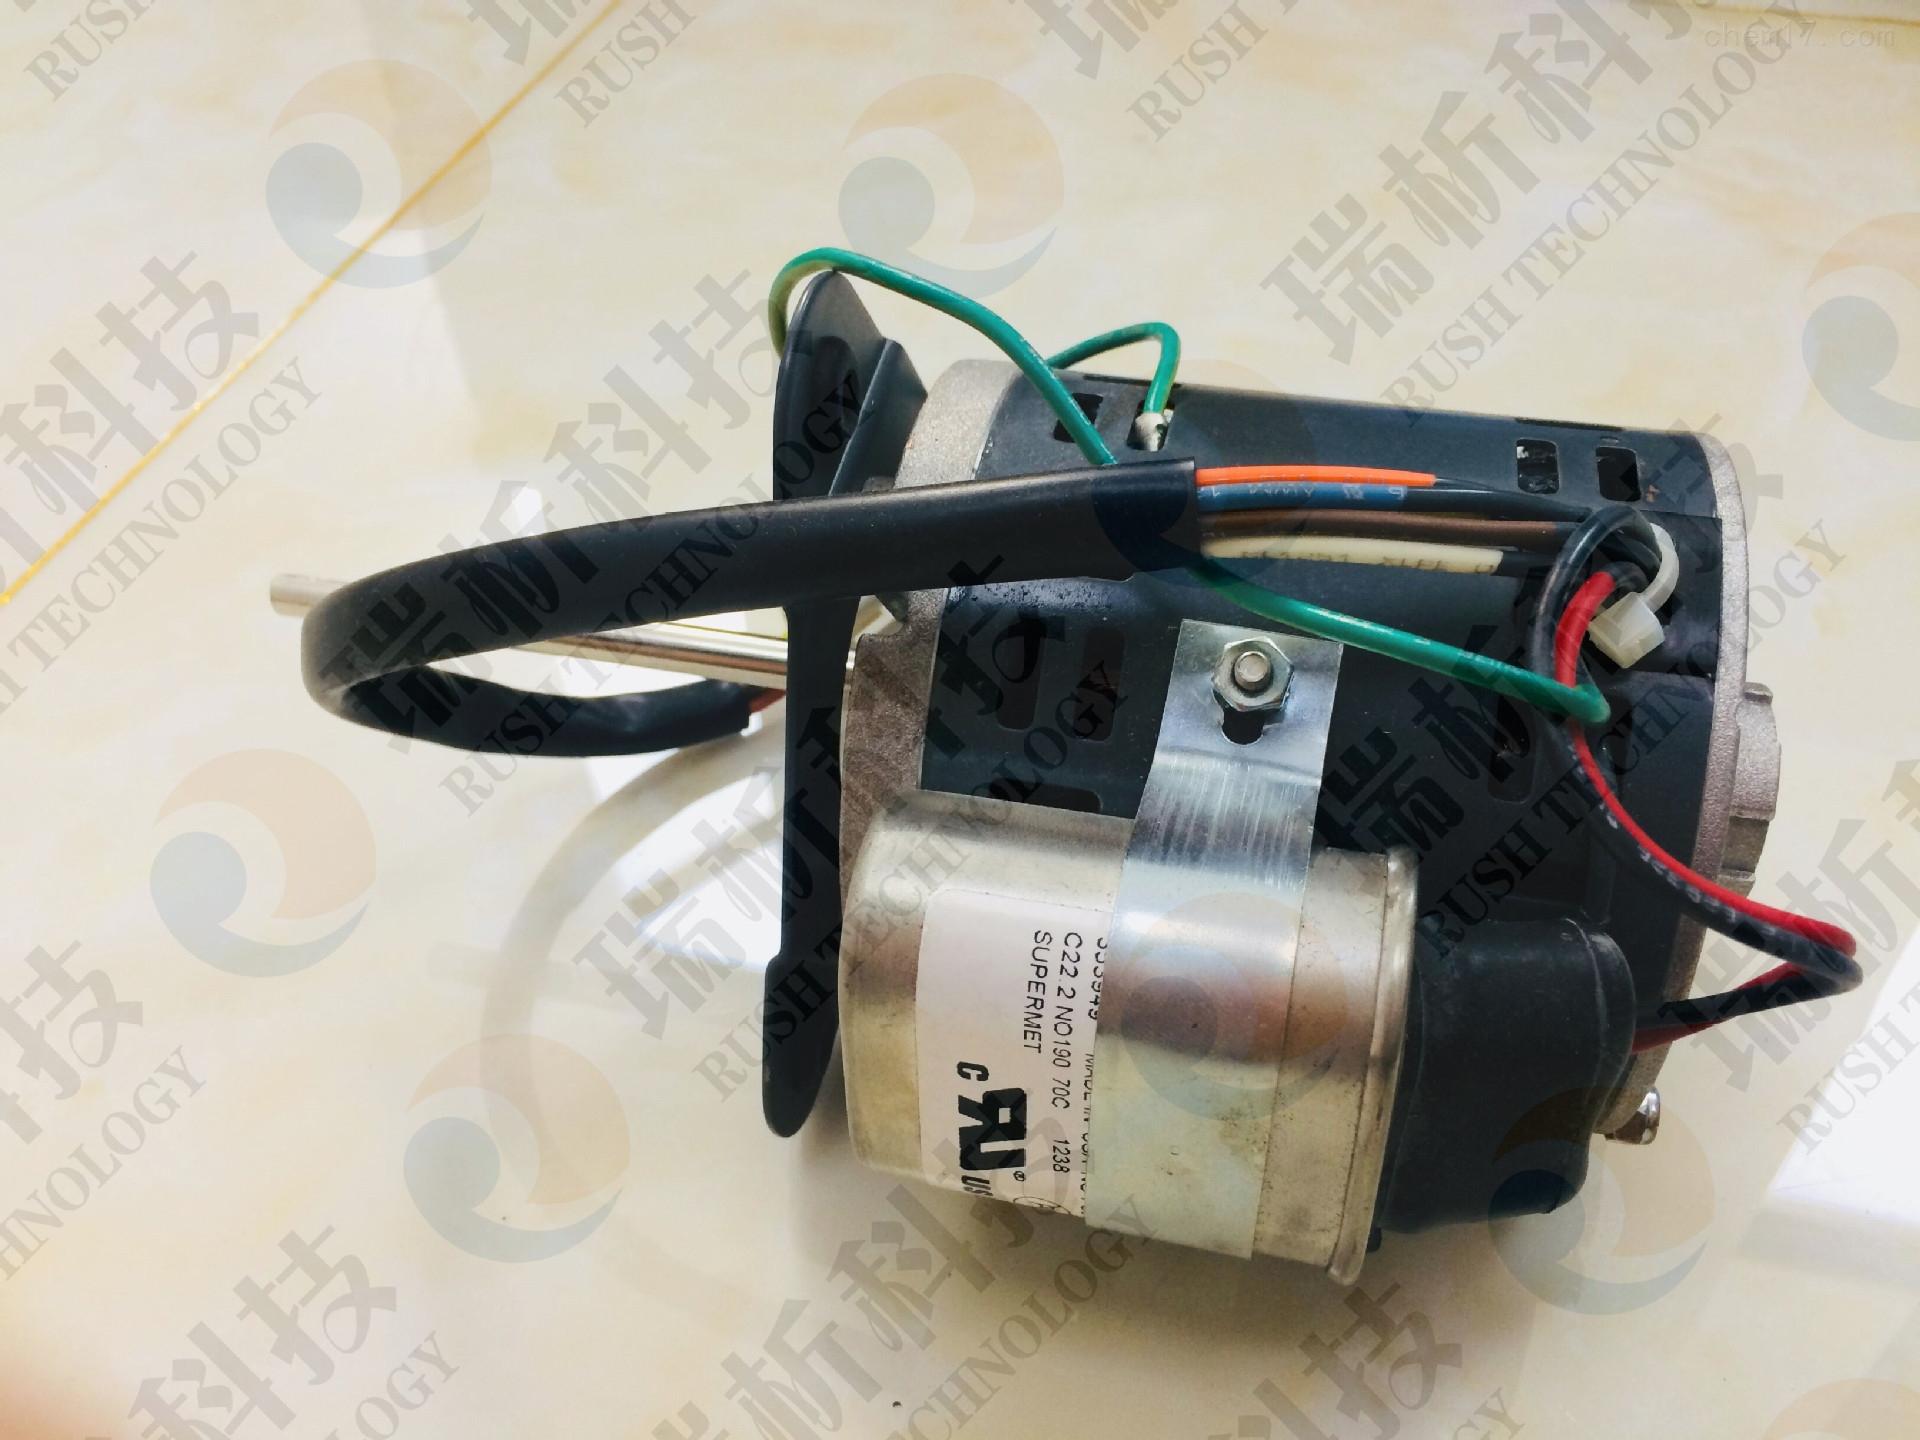 G1530-67036890气相色谱仪柱温箱电机组件(拆机件)